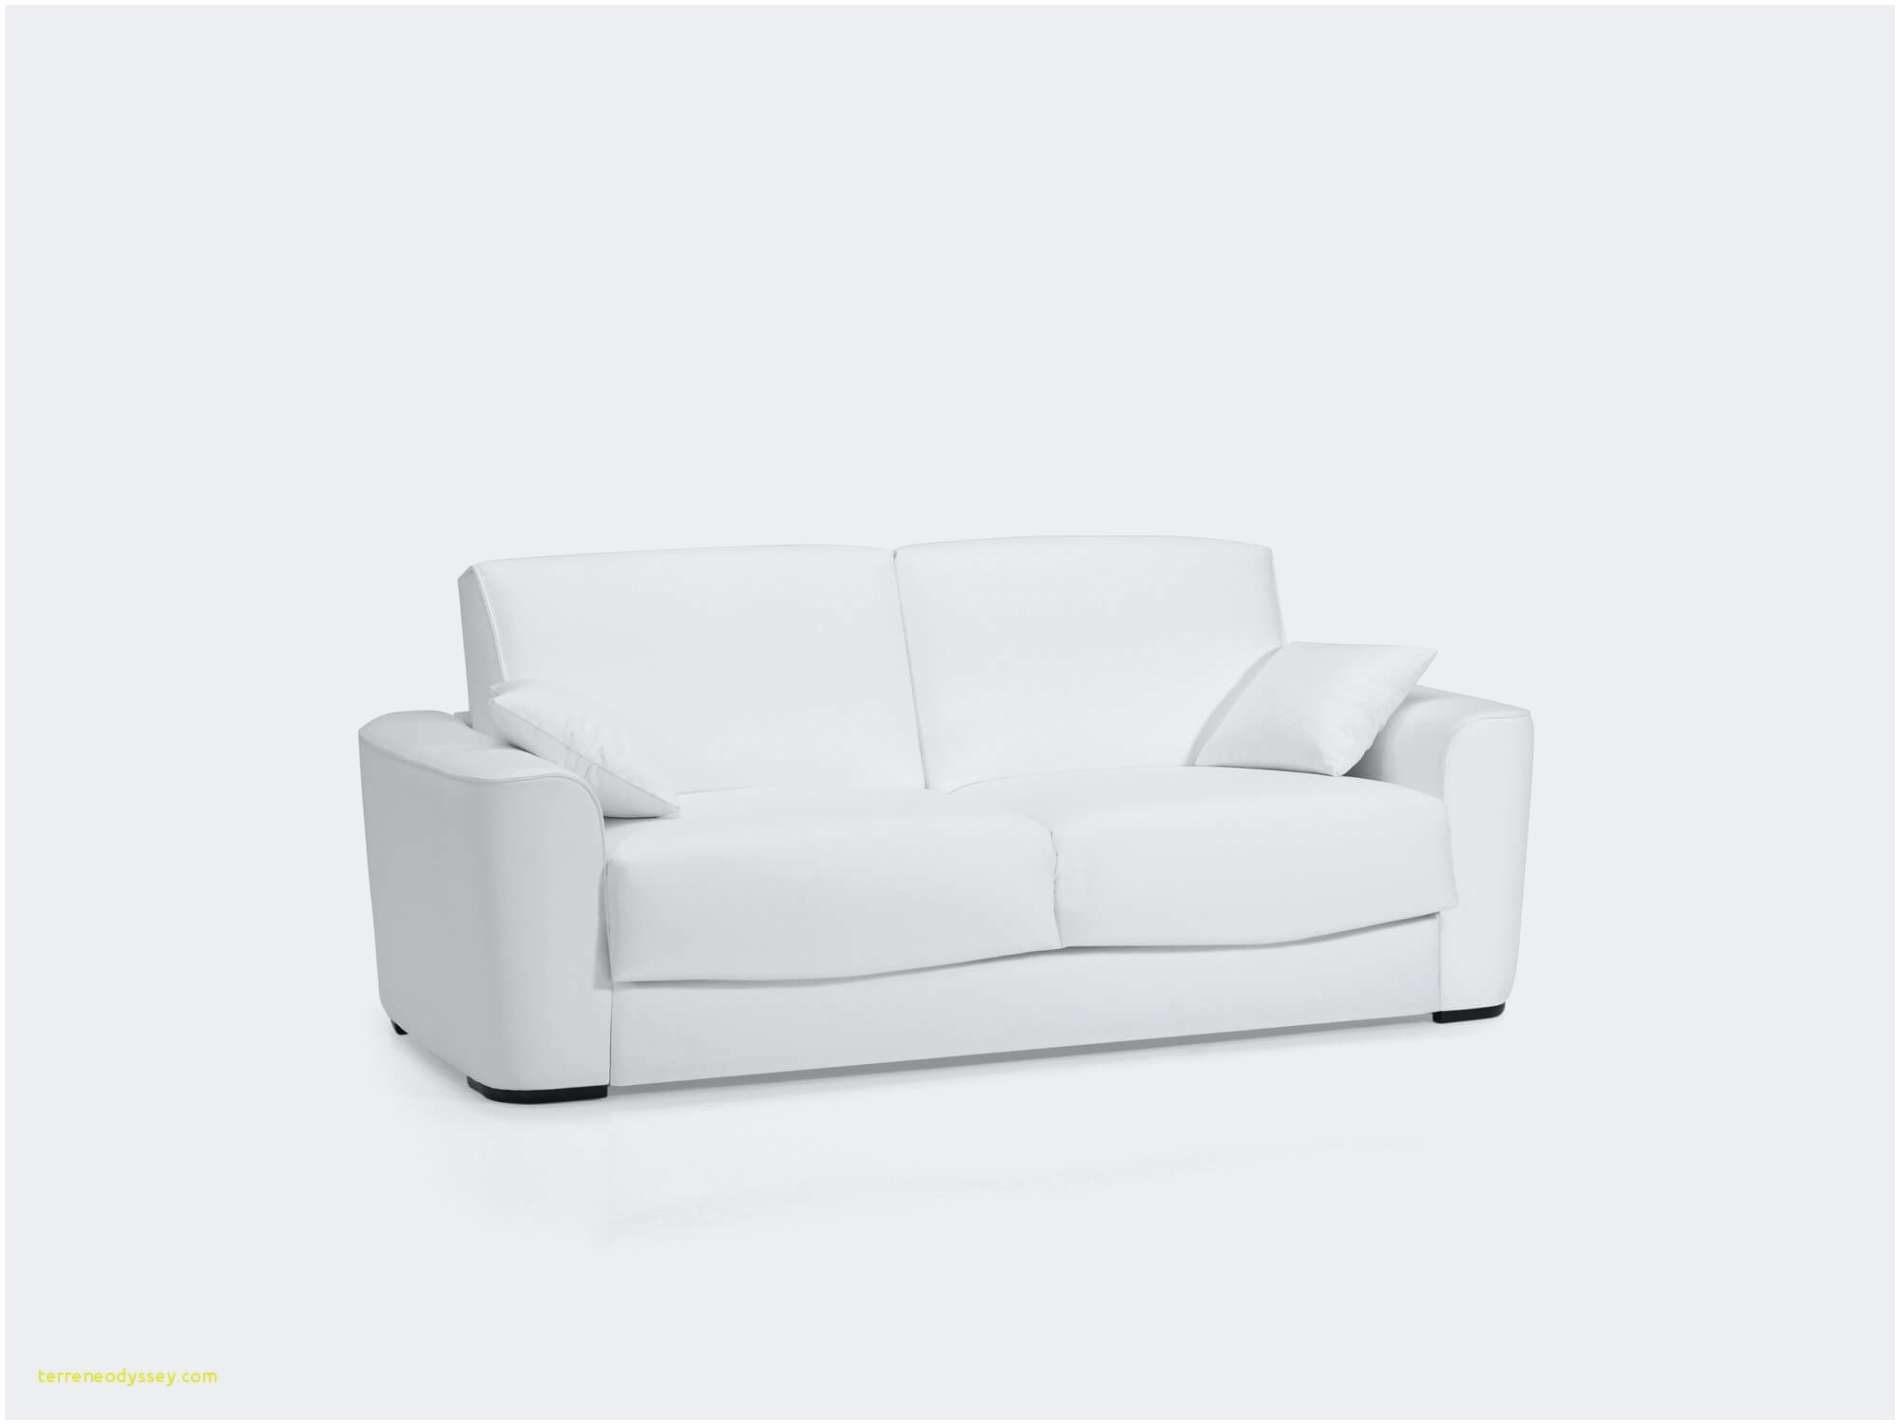 Canapé Lit Pas Cher Ikea Frais Impressionnant 60 Recouvrement Canapé Convertible but Pour Excellent